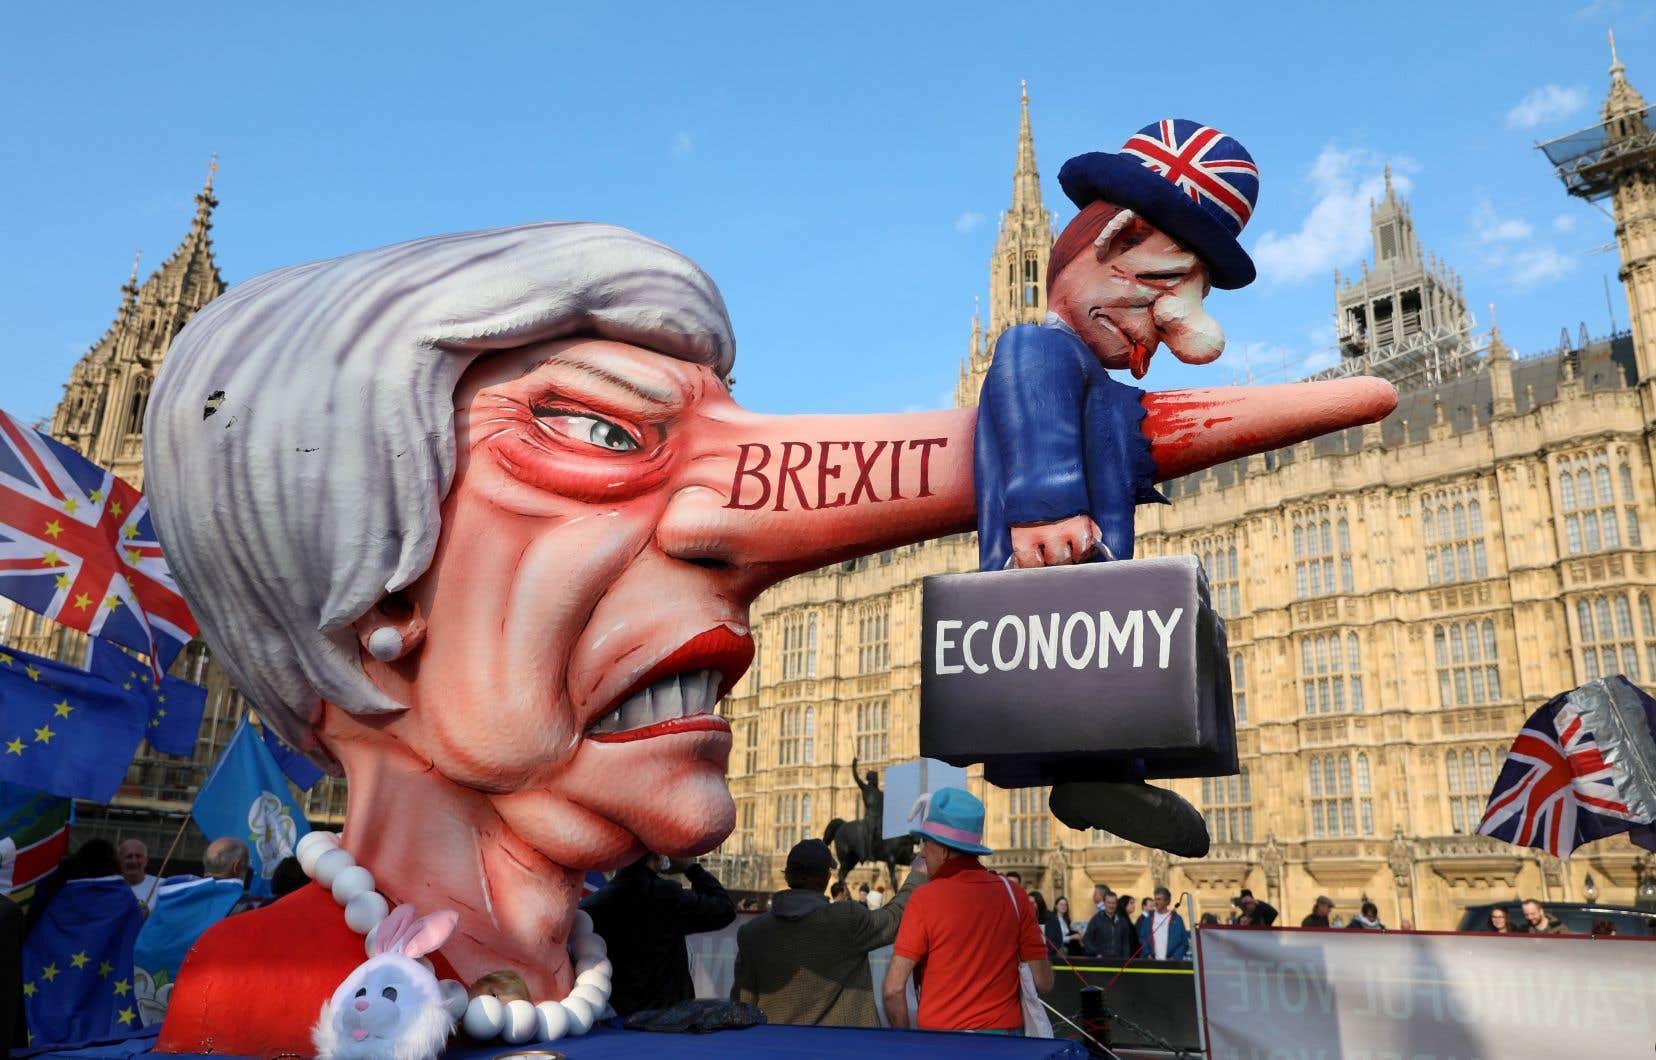 Le chaos du Brexit fait figure d'exemple en ce qui concerne la méconnaissance des modalités et des possibilités de sortie d'un accord internationnal.